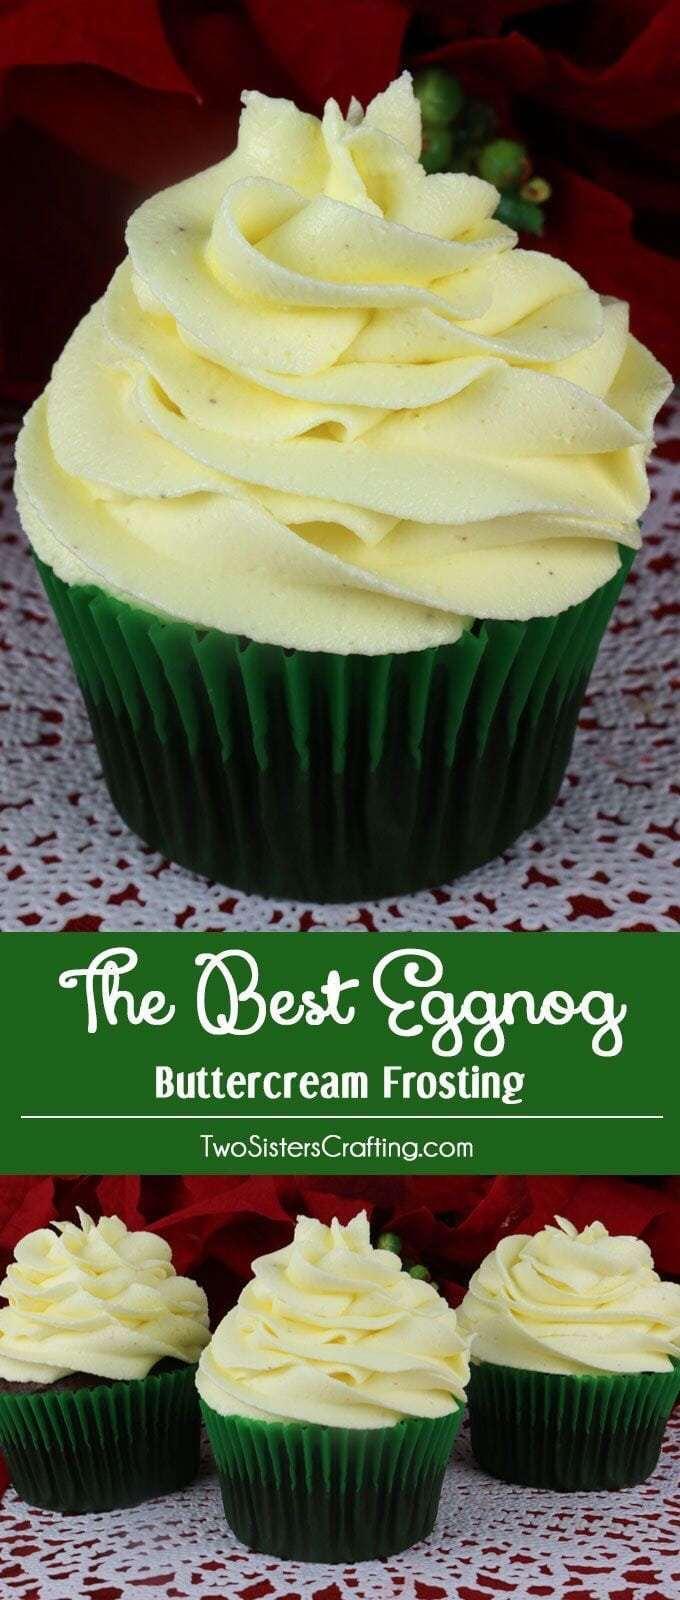 Eggnog butter cream frosting